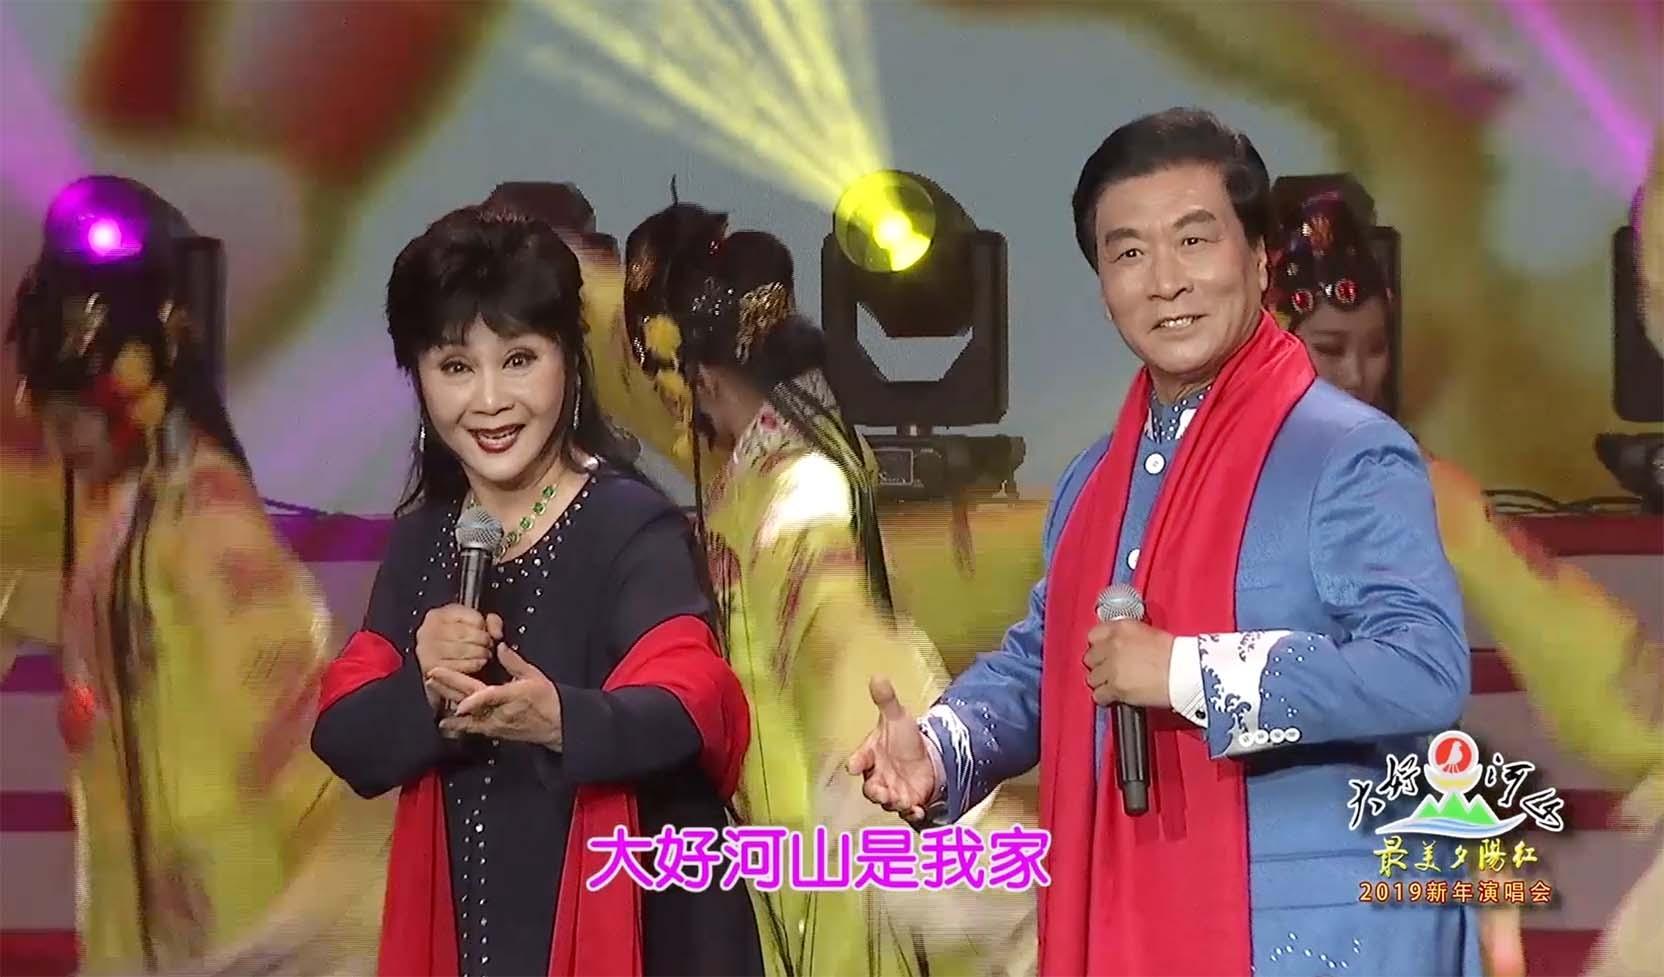 """大好河山2019""""最美夕阳红""""新年公益晚会 戏歌《大好河山是我家》戴月琴、朱宝光"""